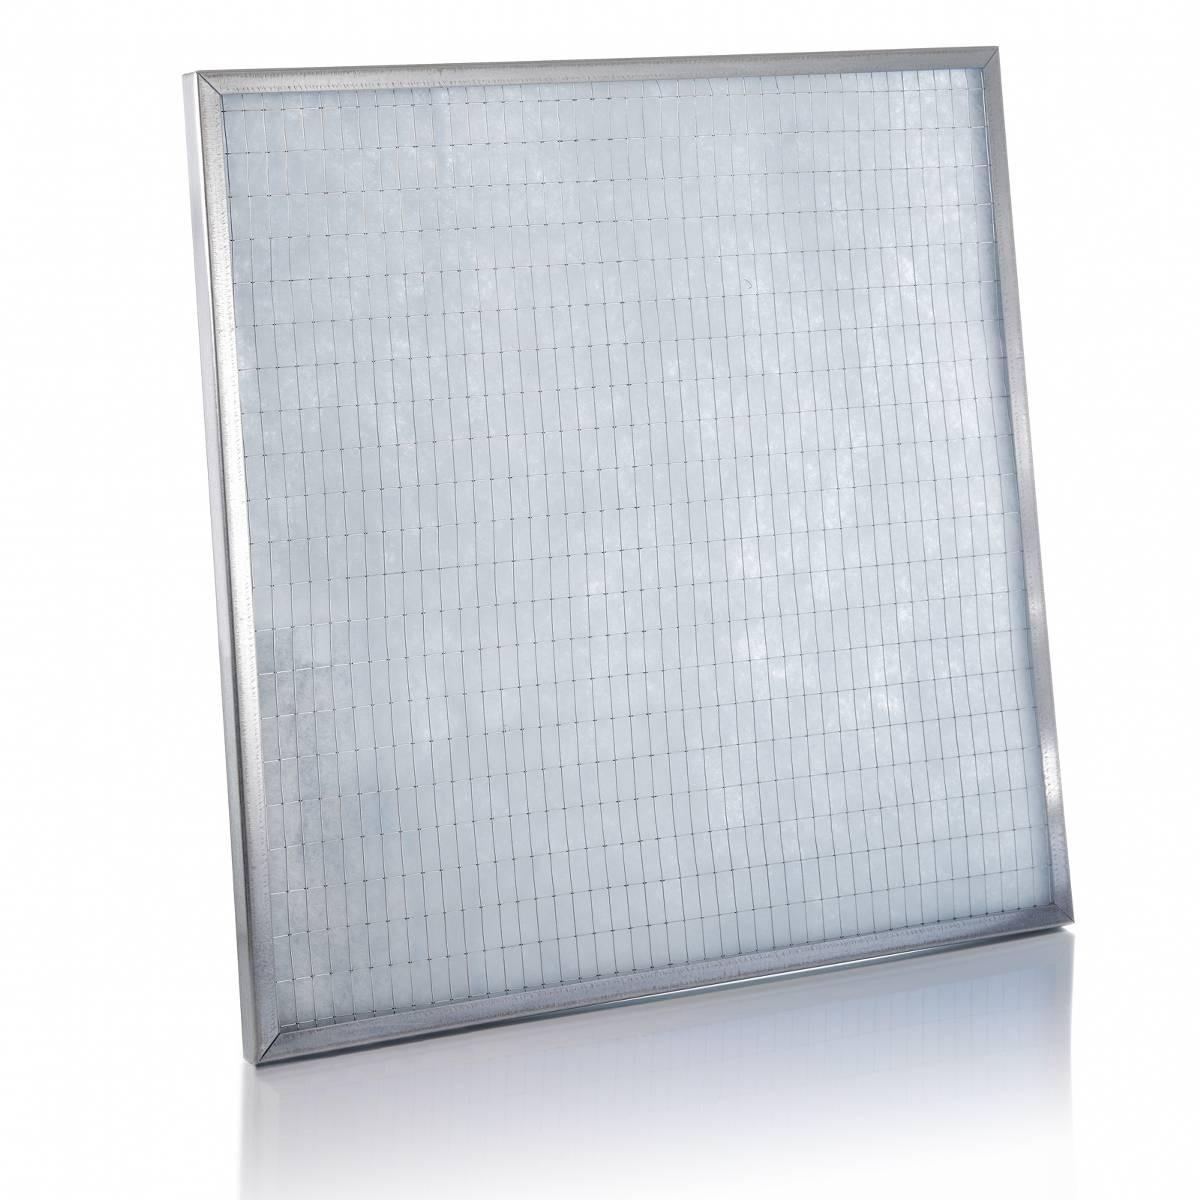 Cella filtrante sintetica piana efficienza G4 dimensioni 287x592x22 mm